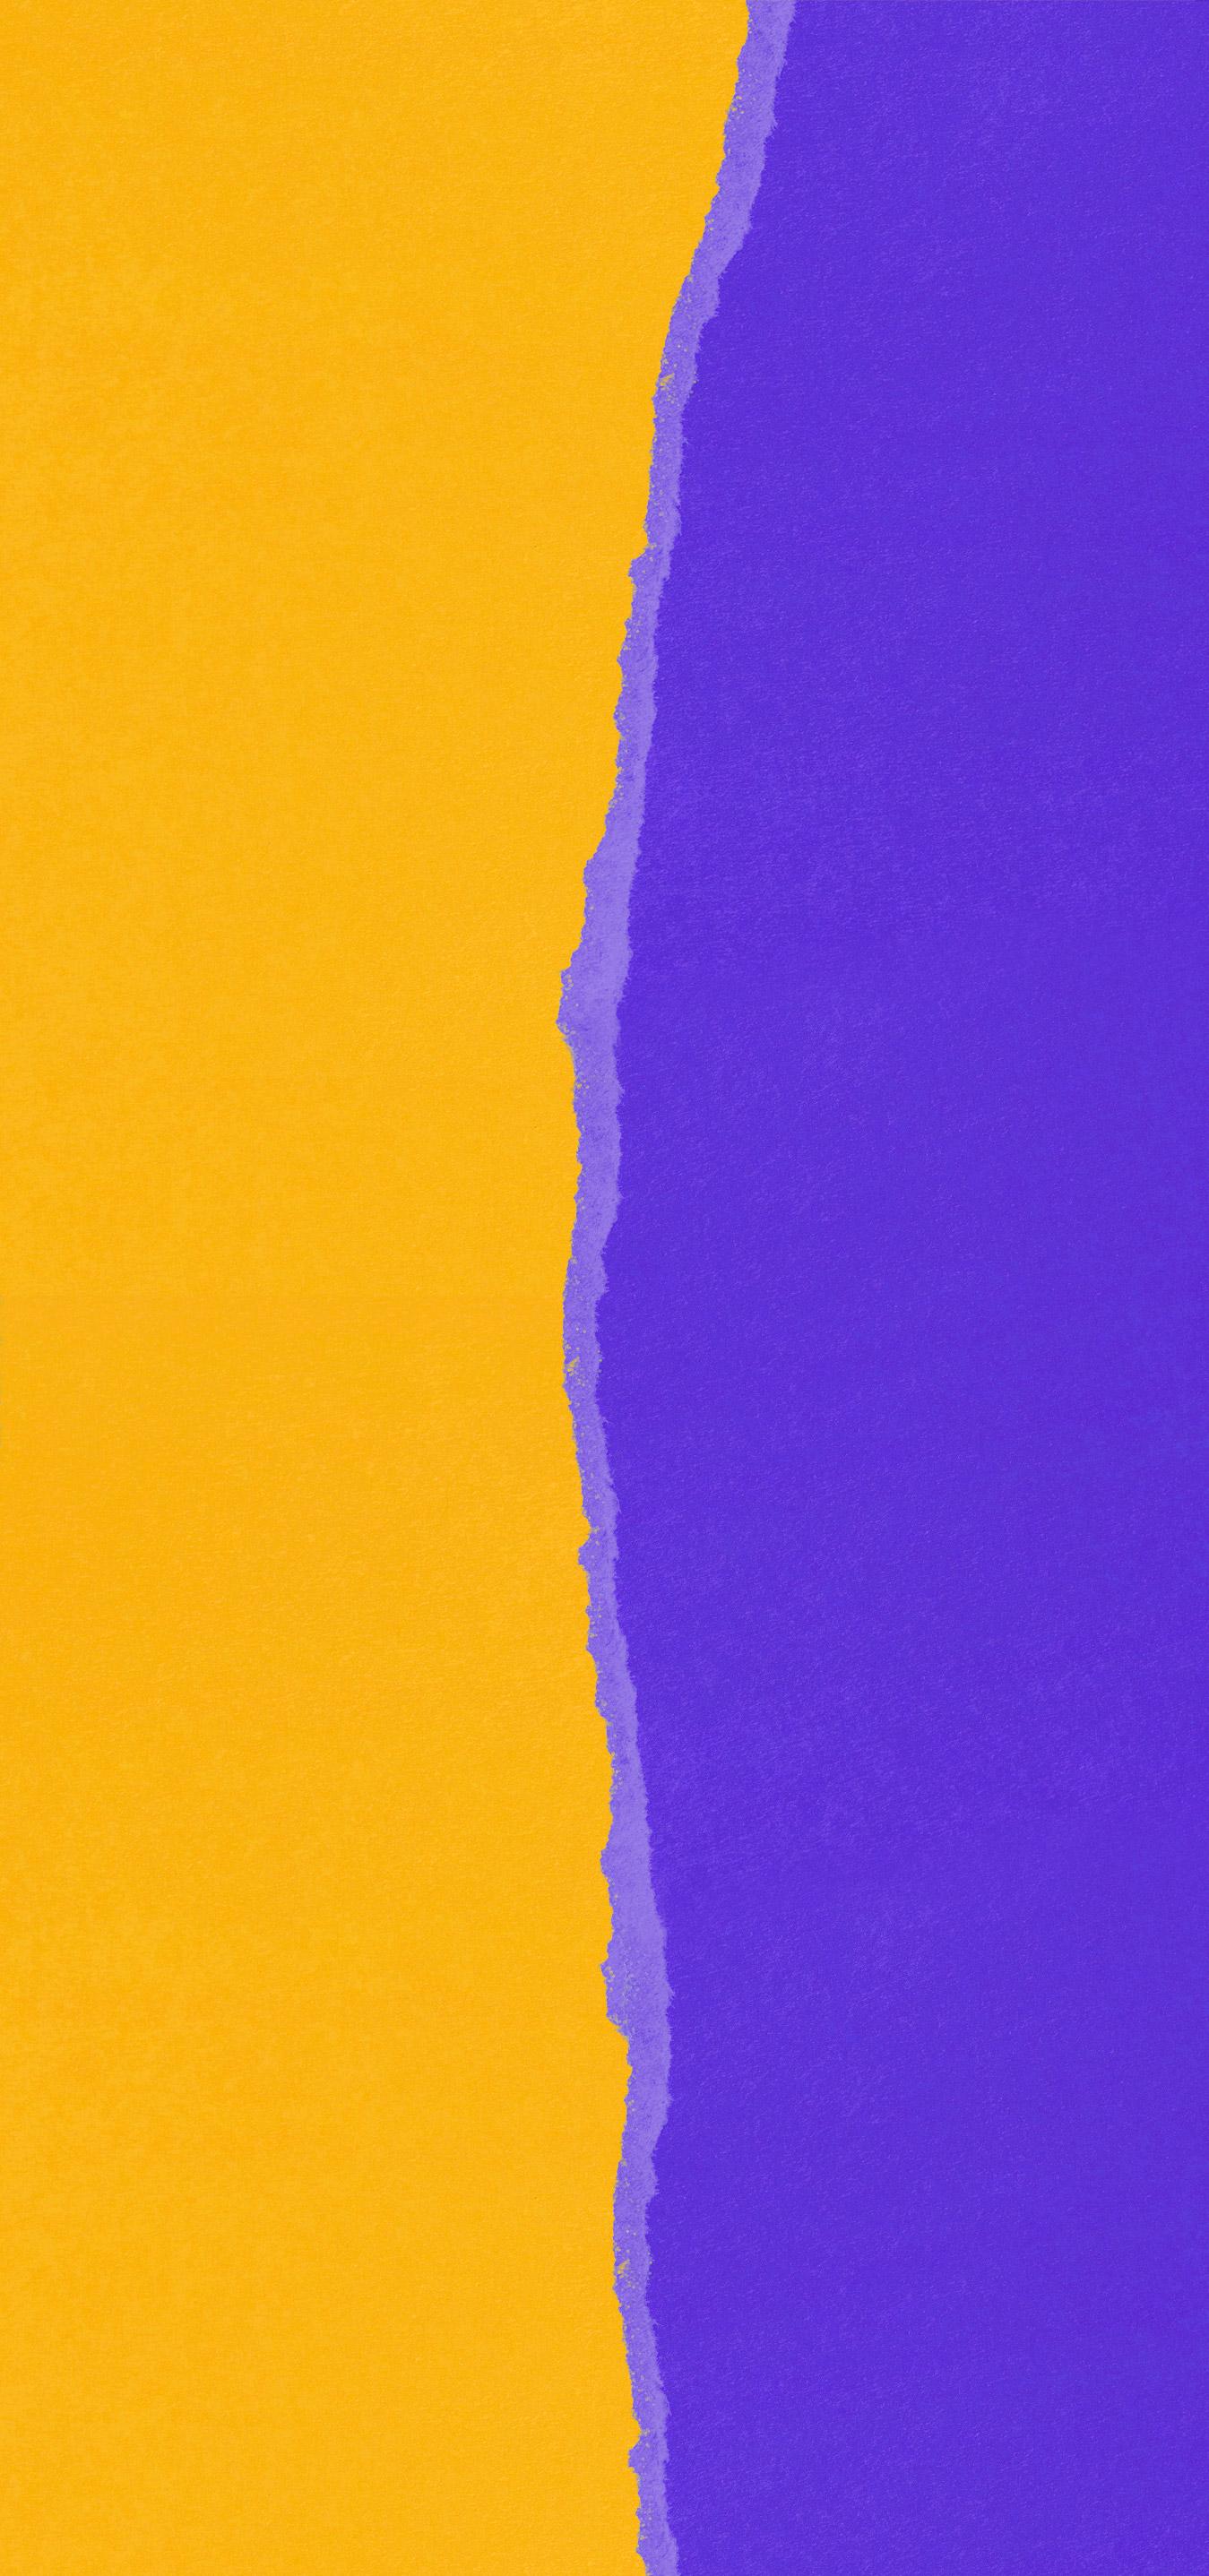 bg-paper-yellow-purple